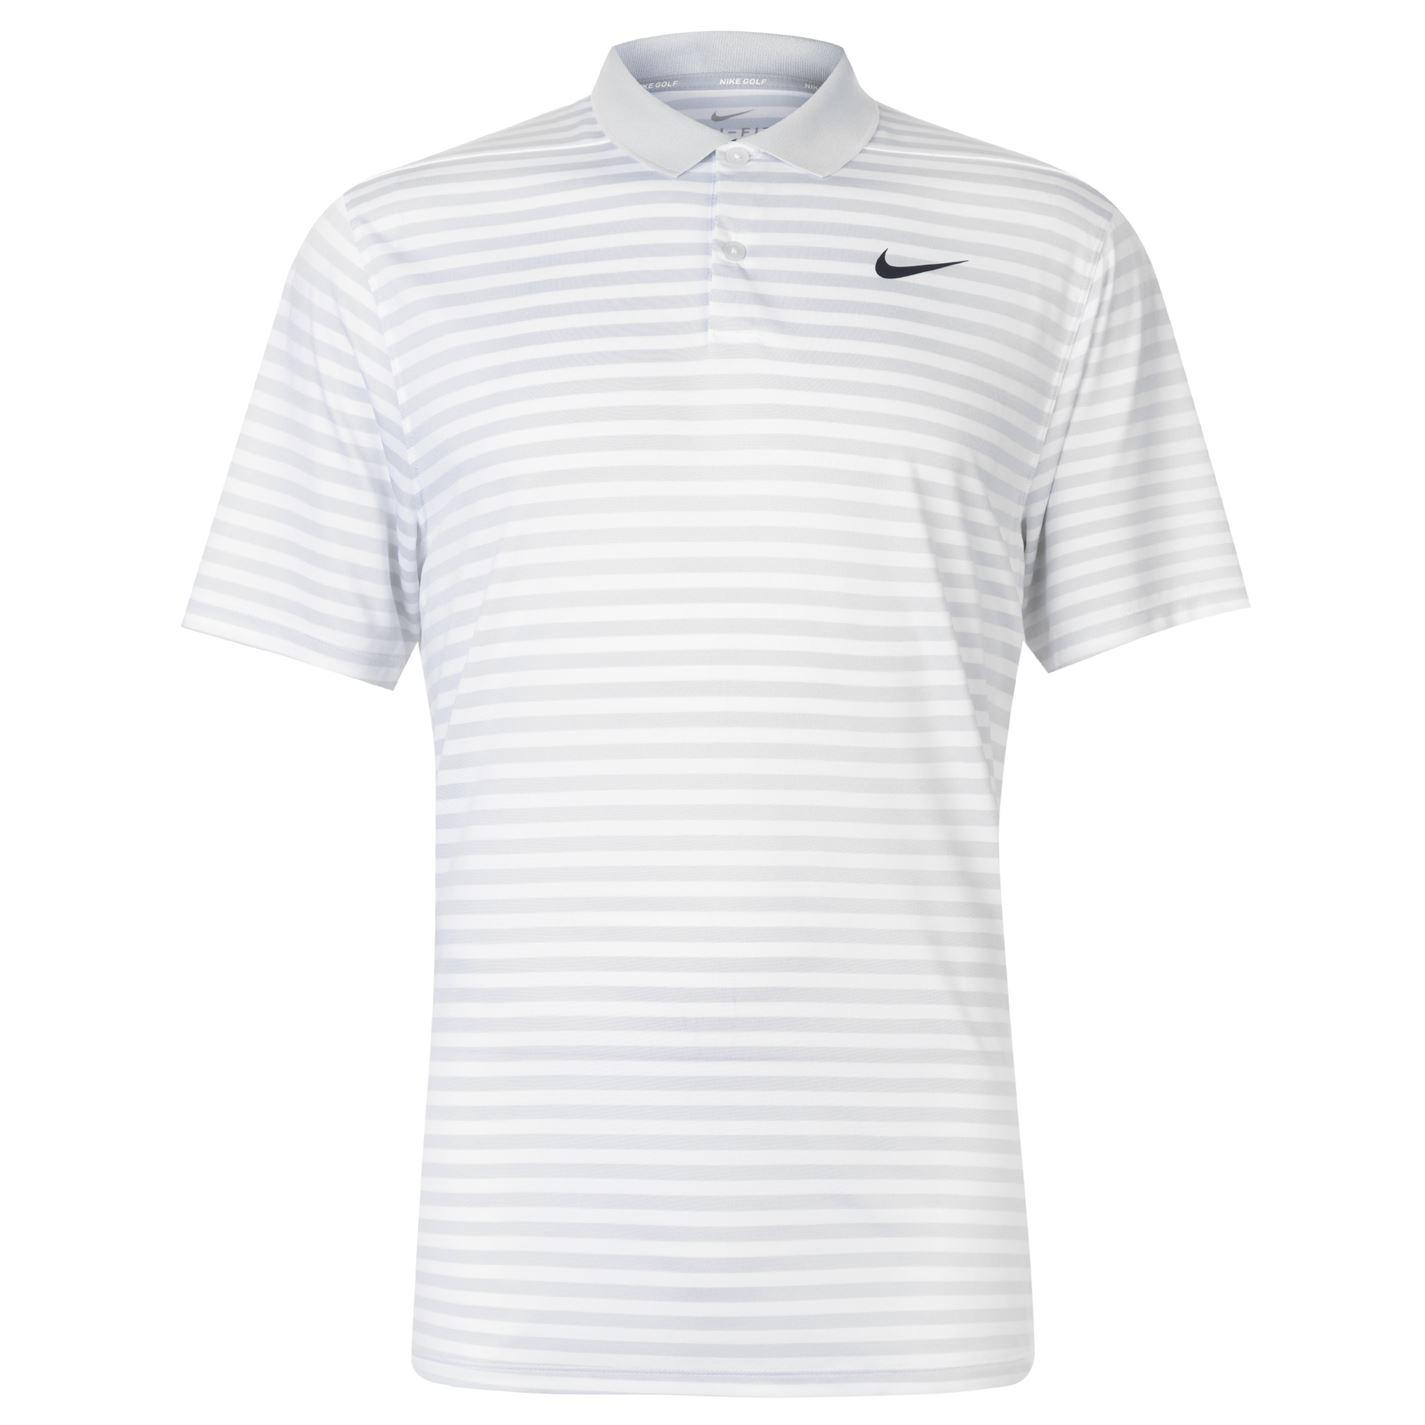 Nike Victory Stripe Polo Shirt Mens